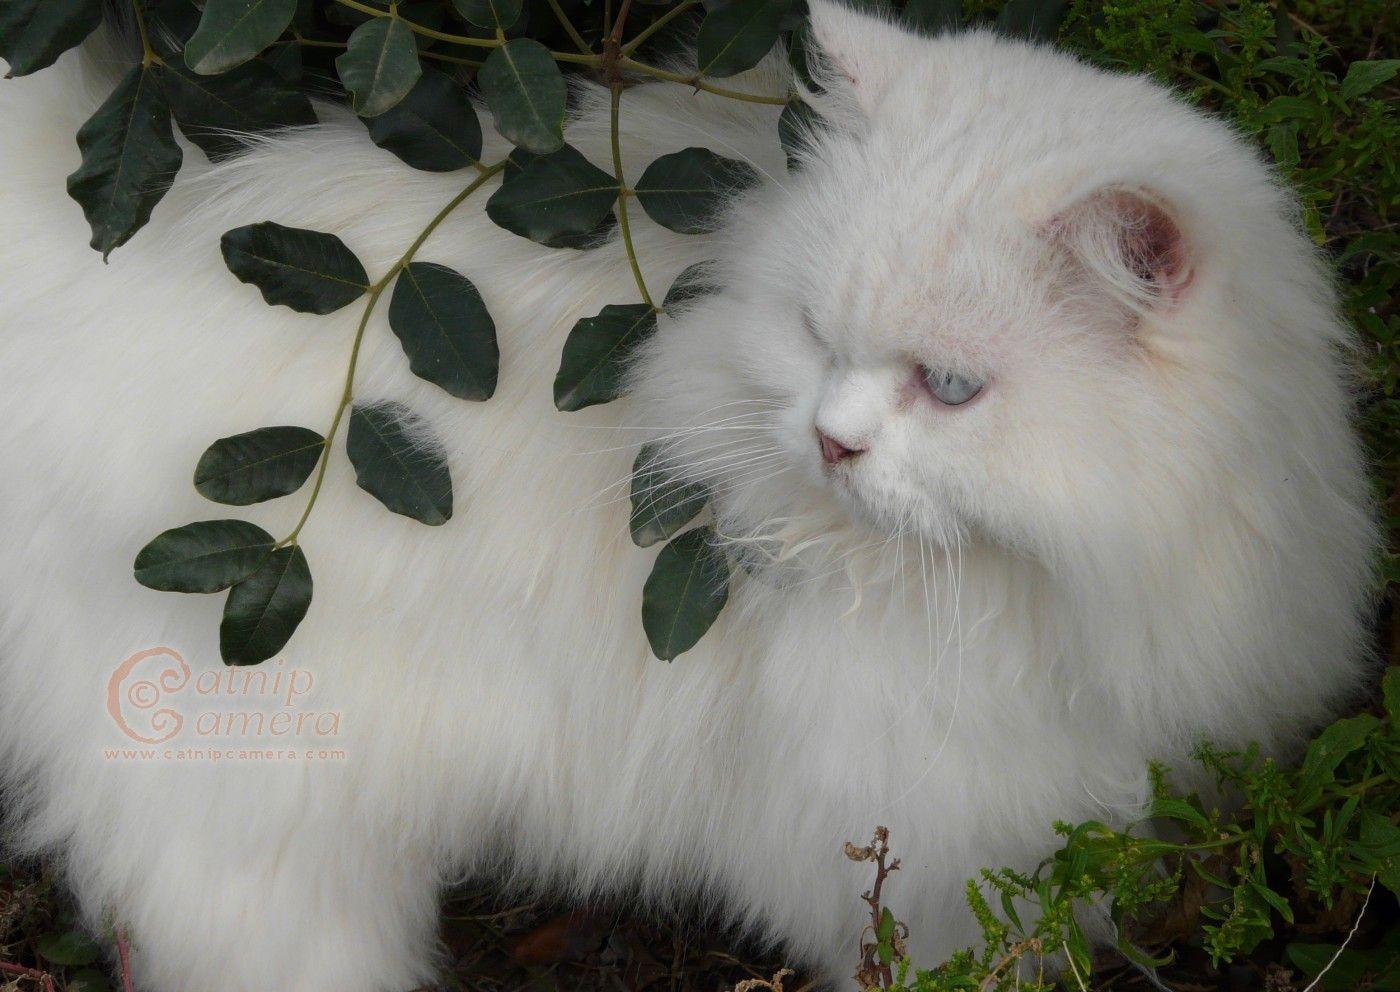 Persian Cats Catnip Camera Cat aesthetic, Persian